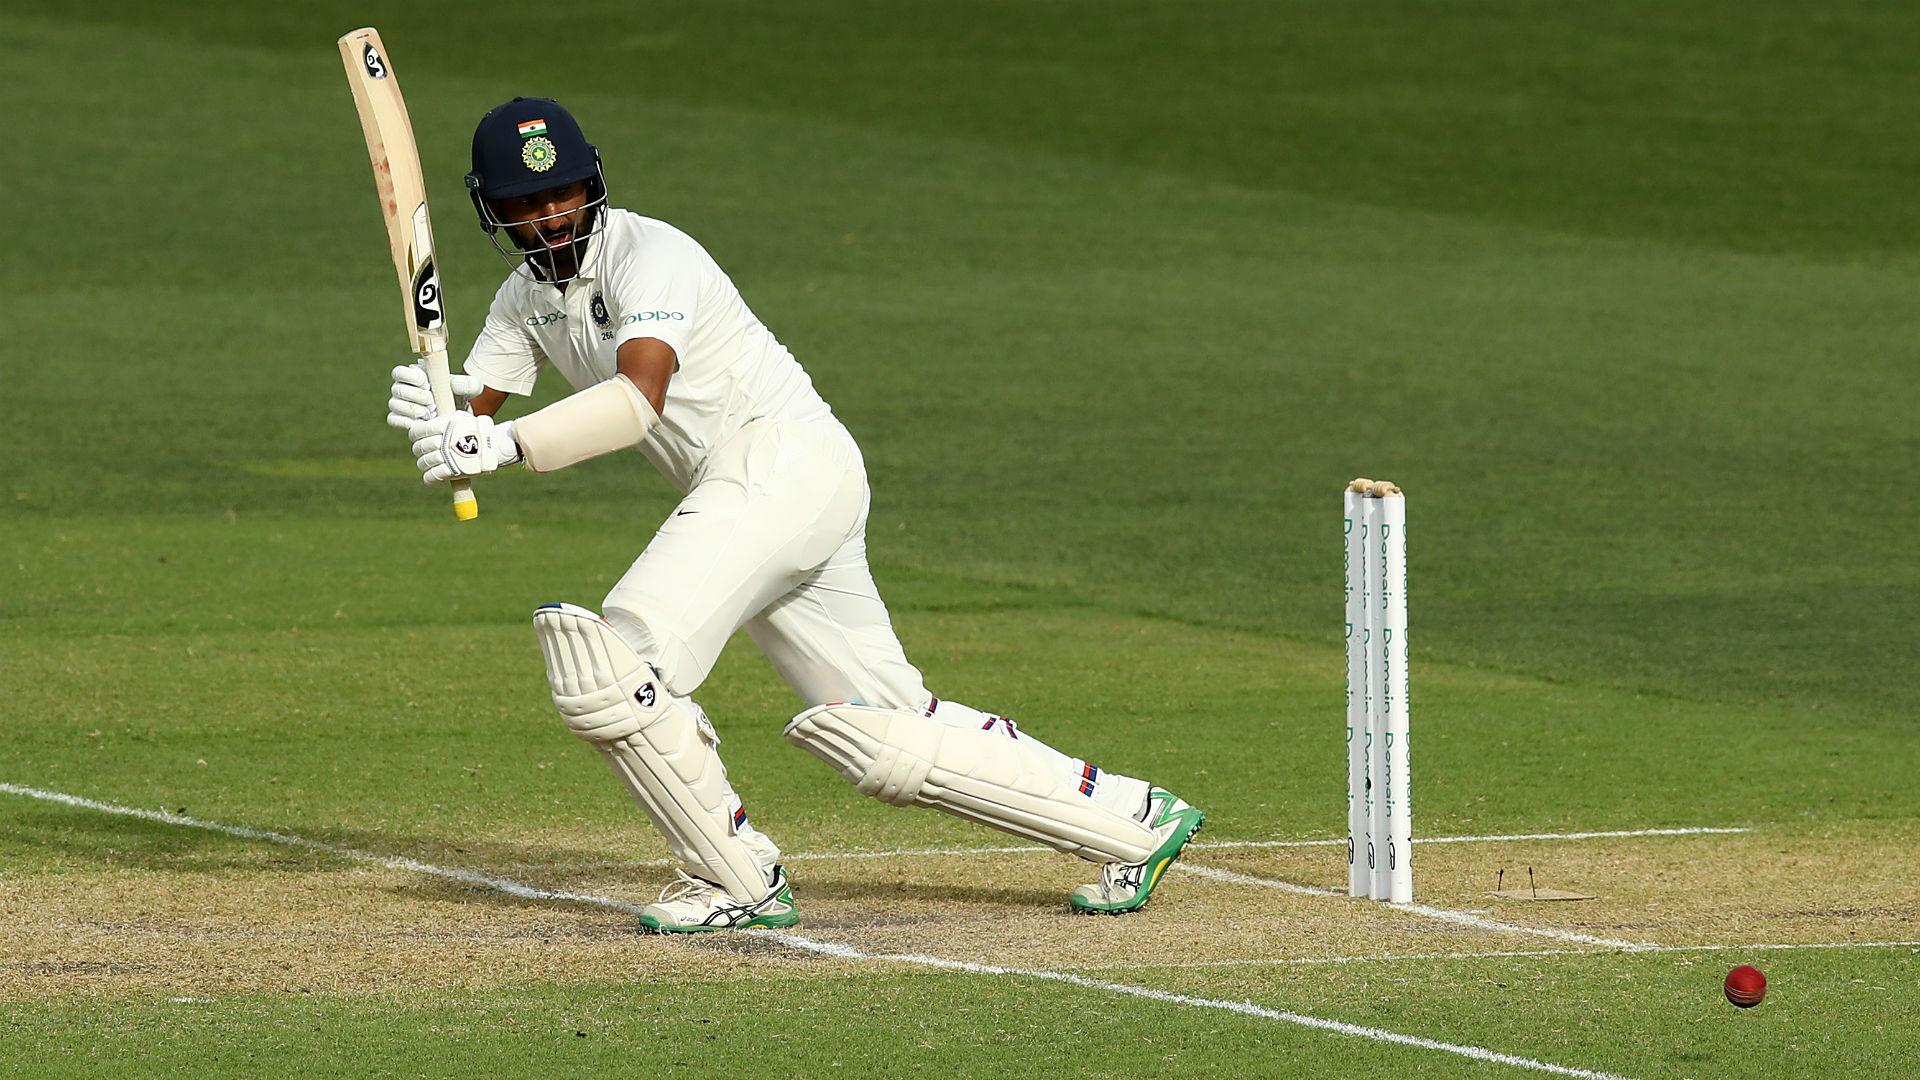 Pujara shines again as India claim advantage